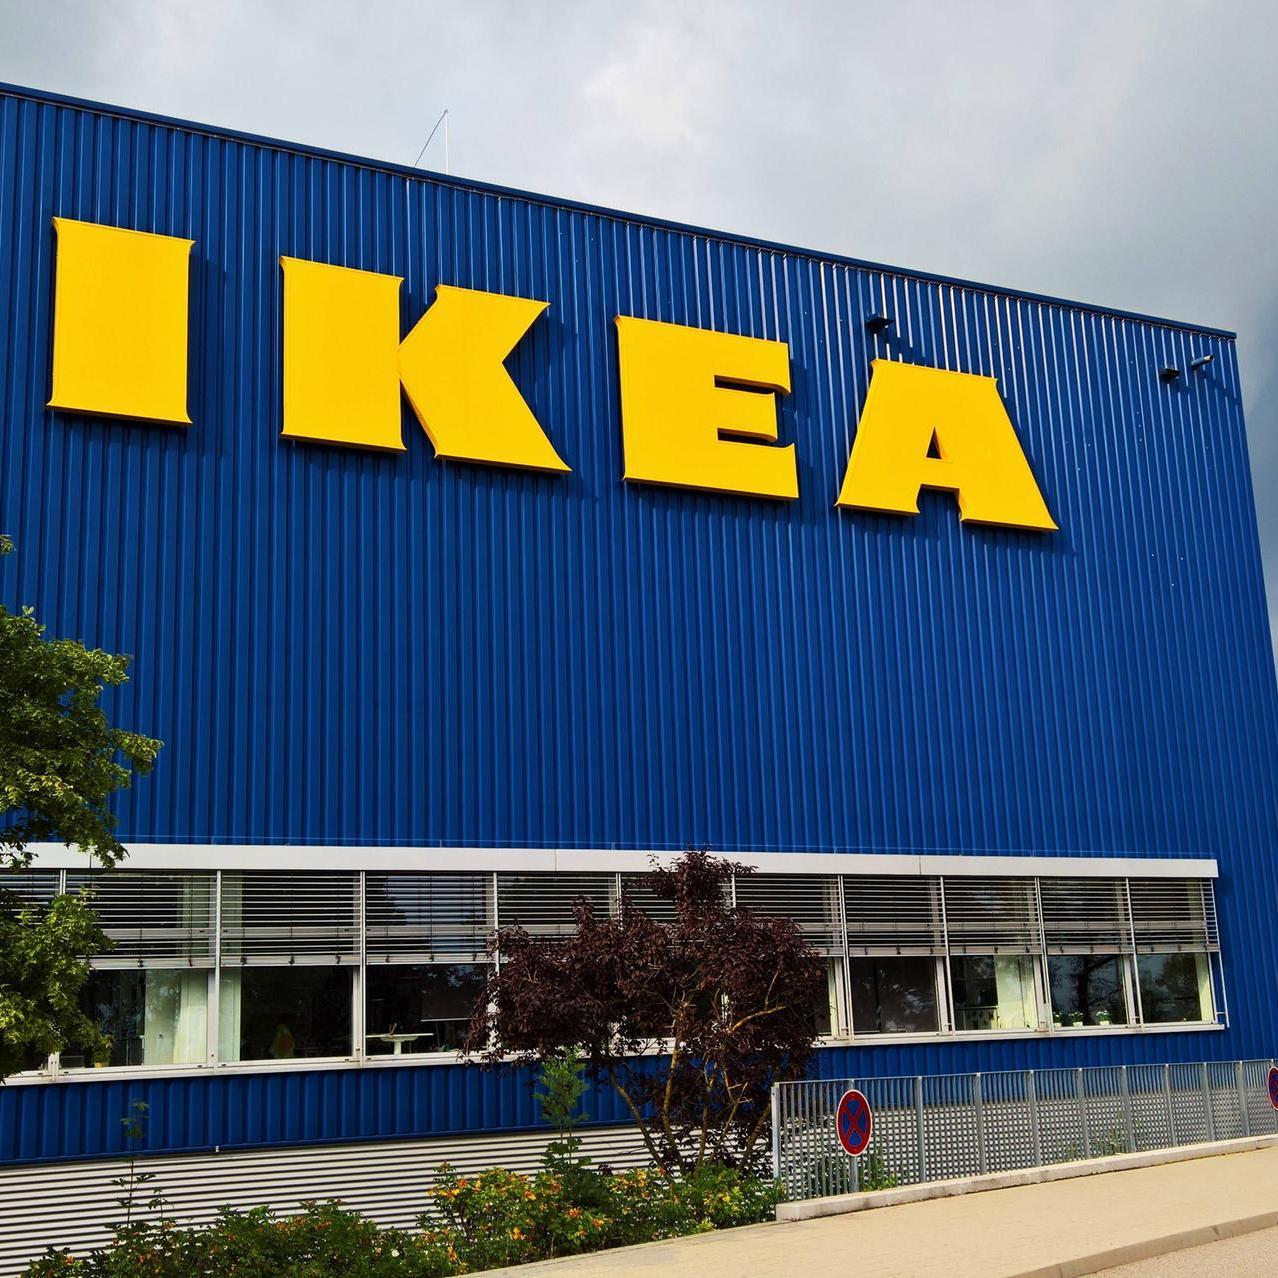 Full Size of Gebrauchte Küchen Frankfurt Ikea Will Mbel Zurckkaufen Regal Küche Verkaufen Betten Einbauküche Kaufen Fenster Regale Wohnzimmer Gebrauchte Küchen Frankfurt